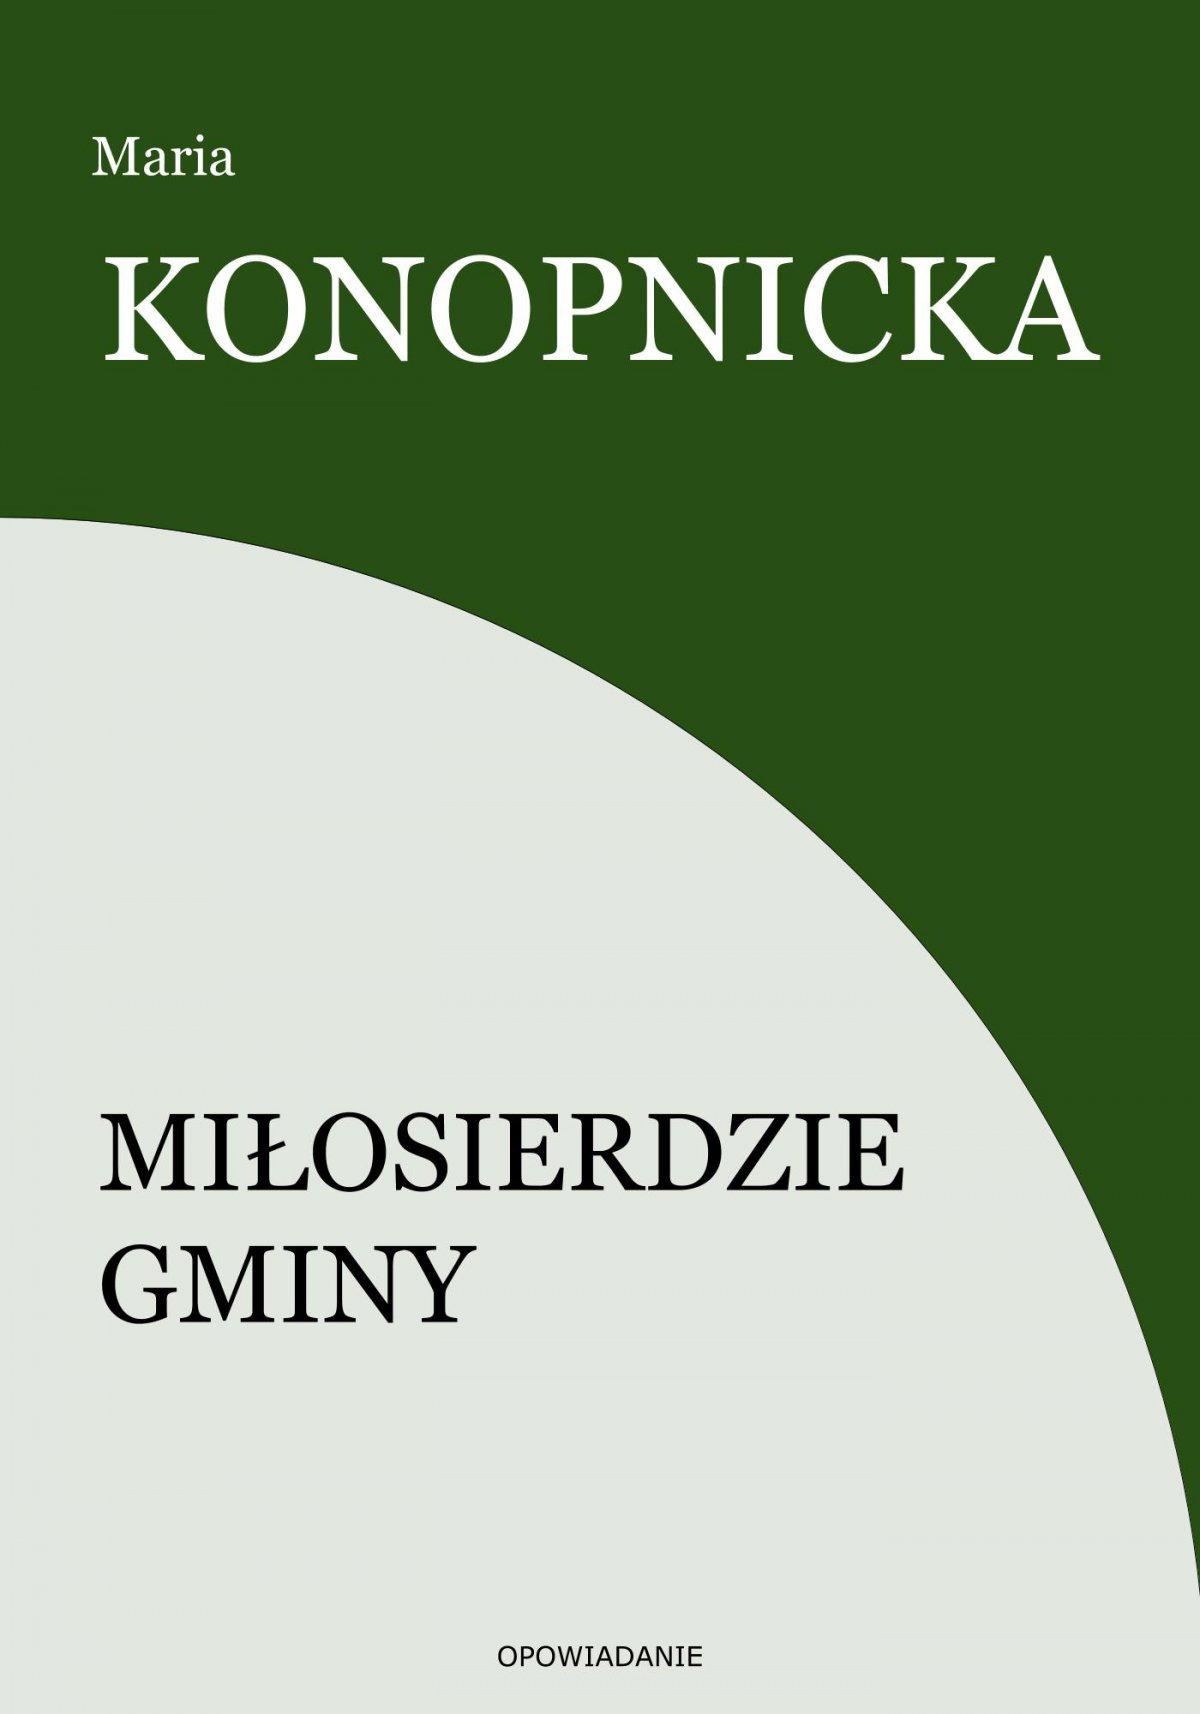 Miłosierdzie gminy - Ebook (Książka EPUB) do pobrania w formacie EPUB